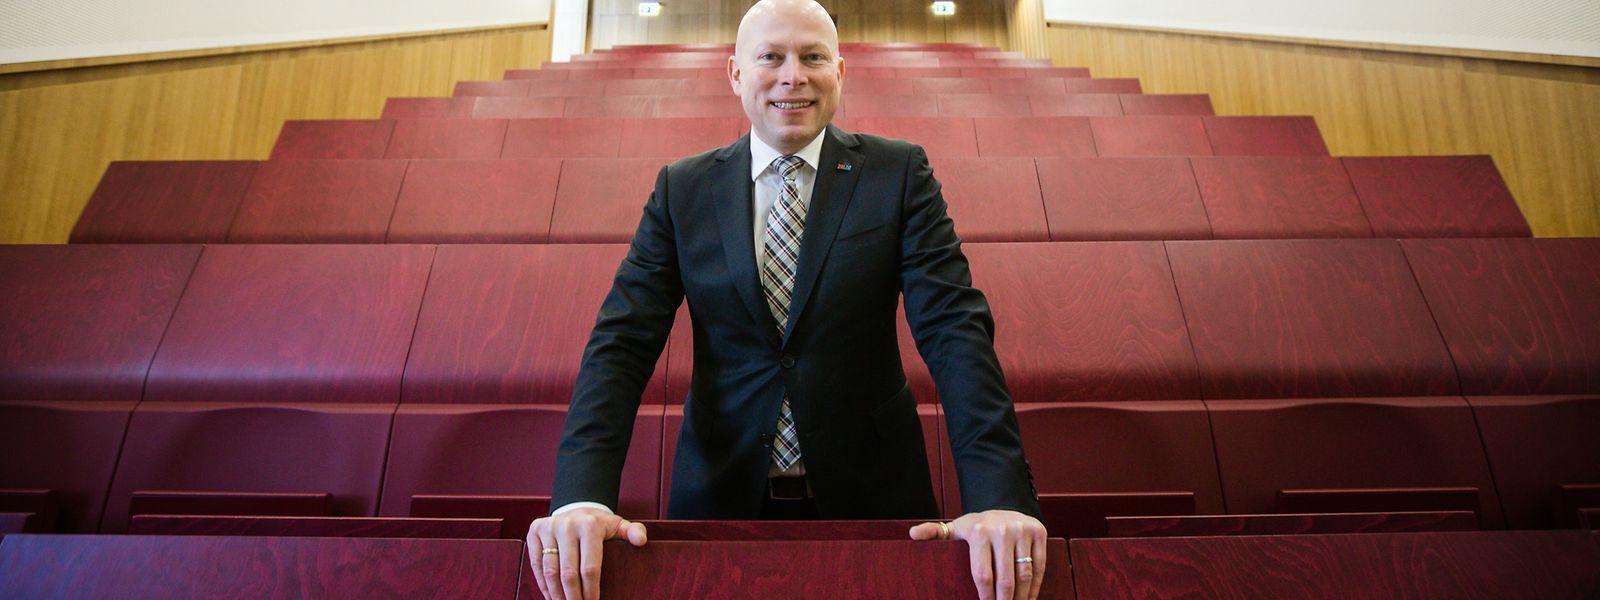 Stephane Pallage, seit Januar der neue Rektor der Uni Luxemburg.